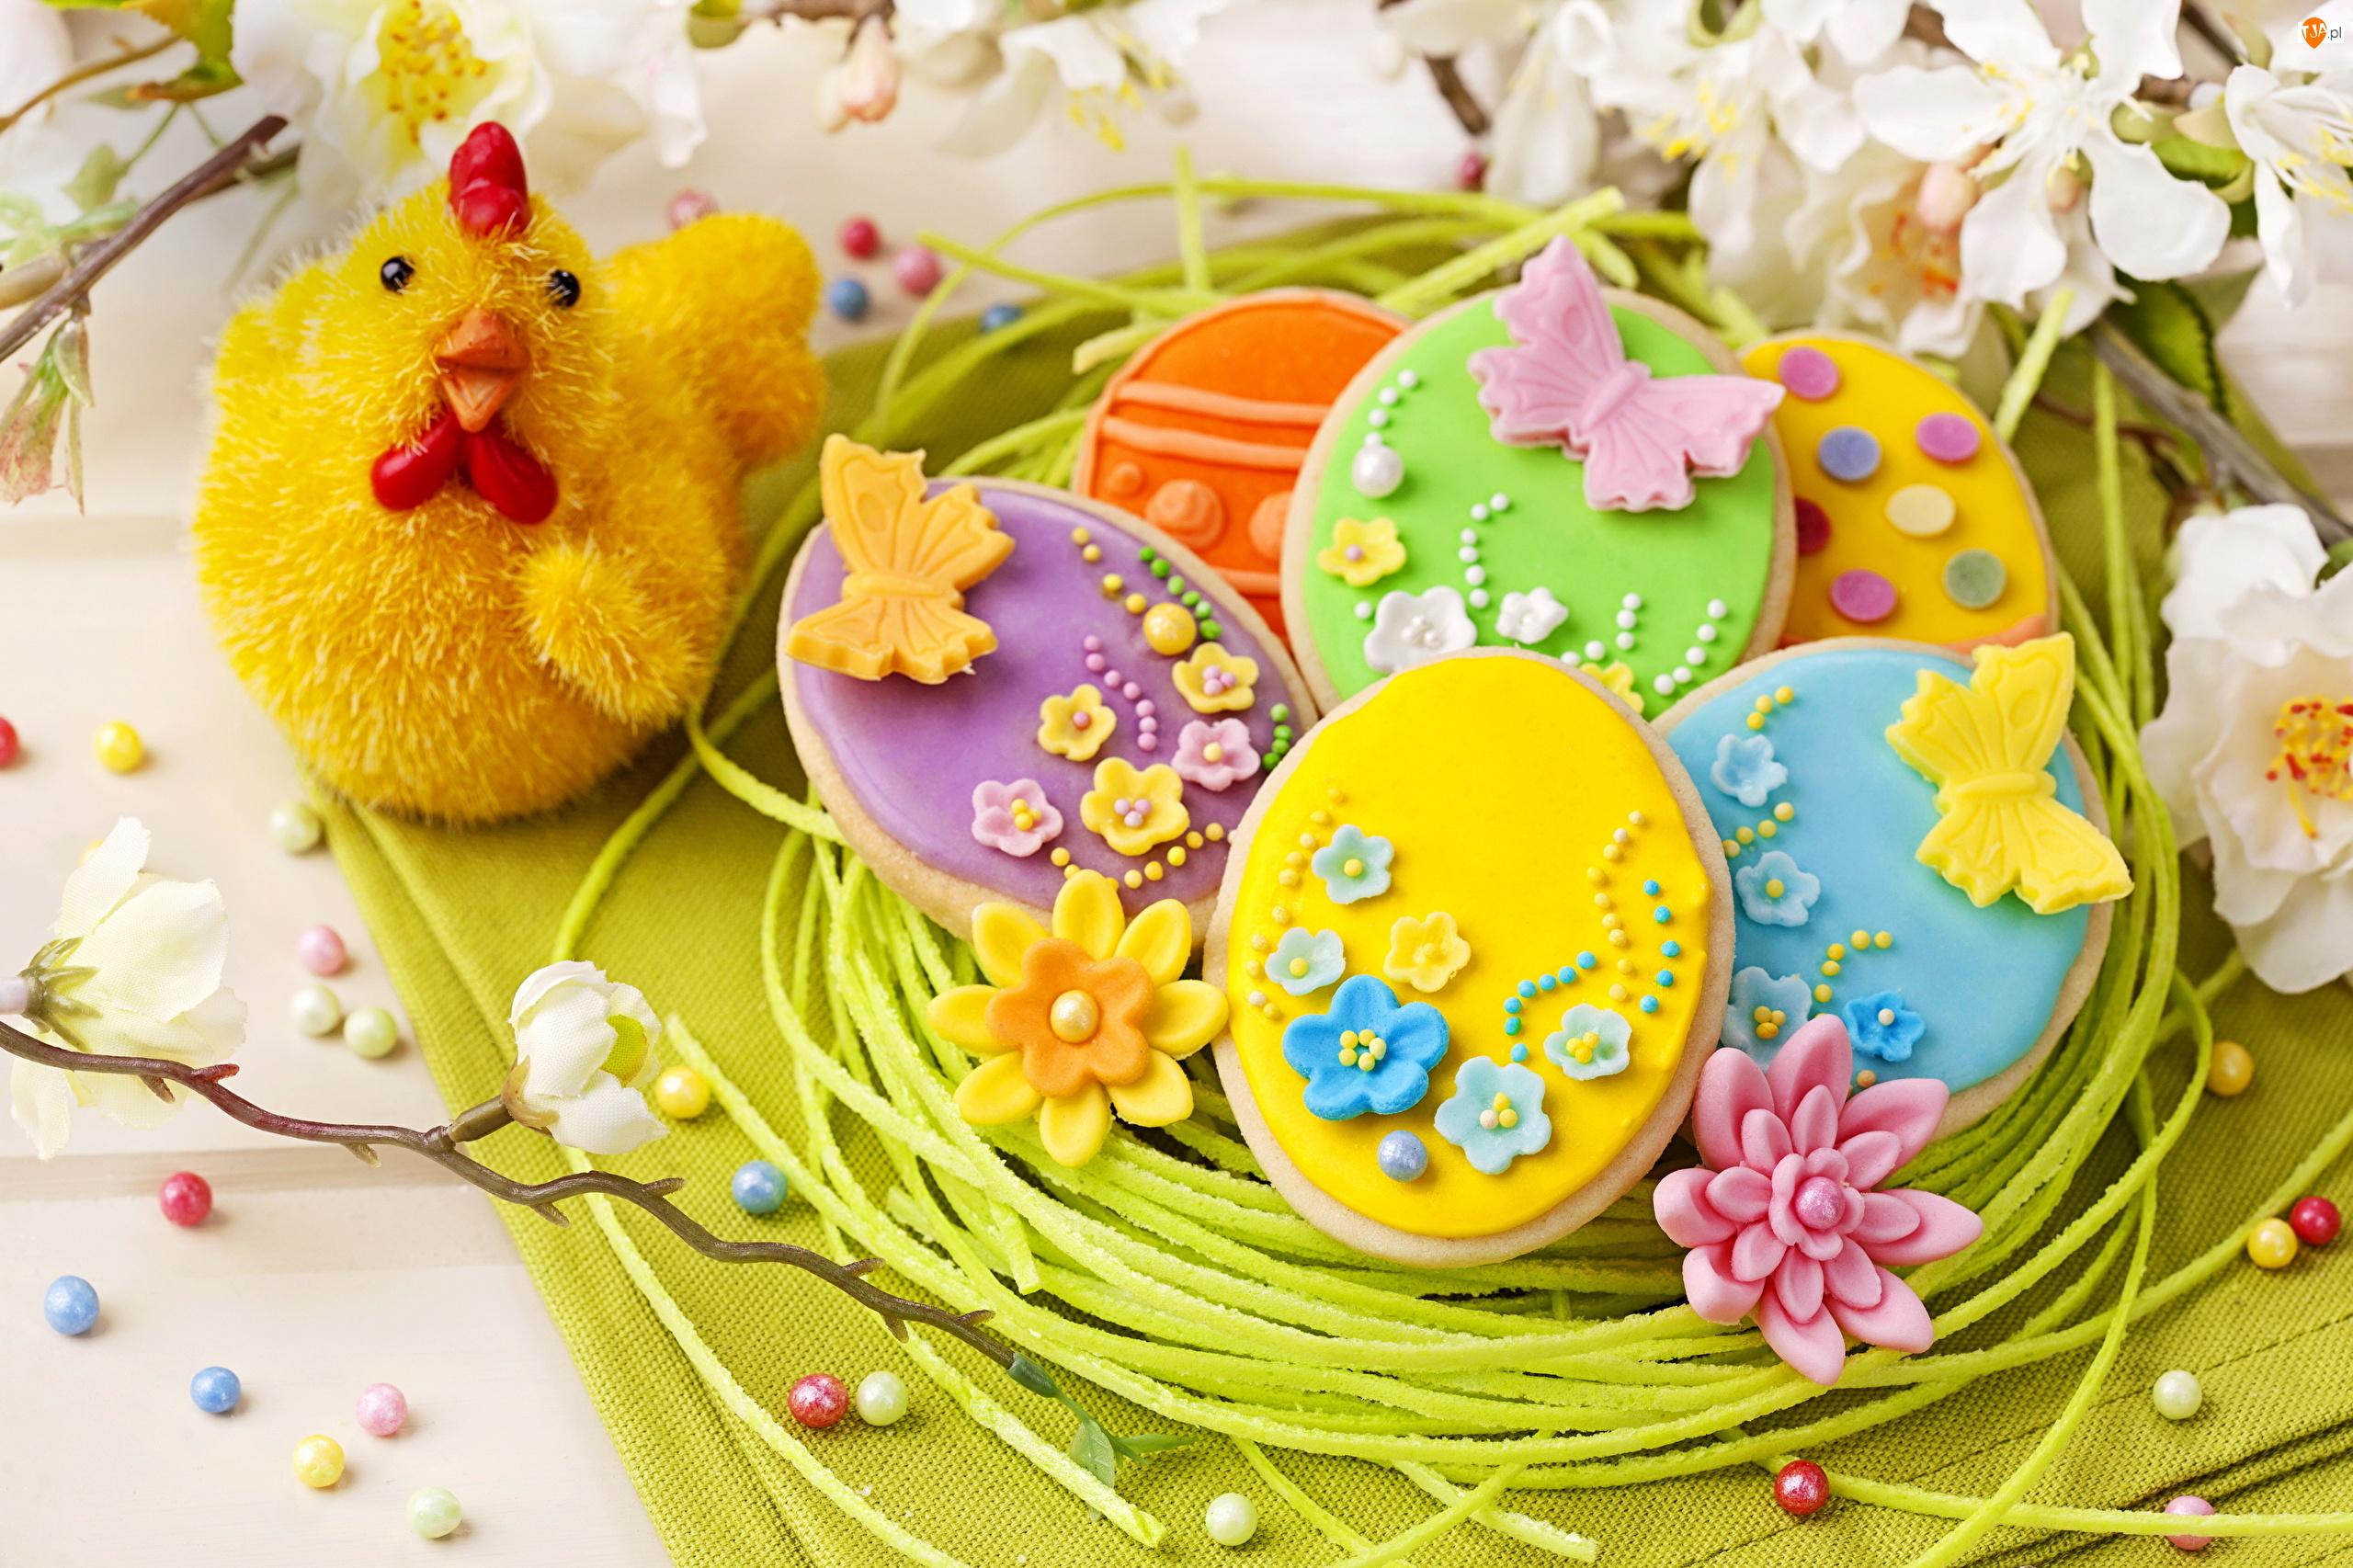 Wielkanoc, Mazurki, Dekoracja, Kurka